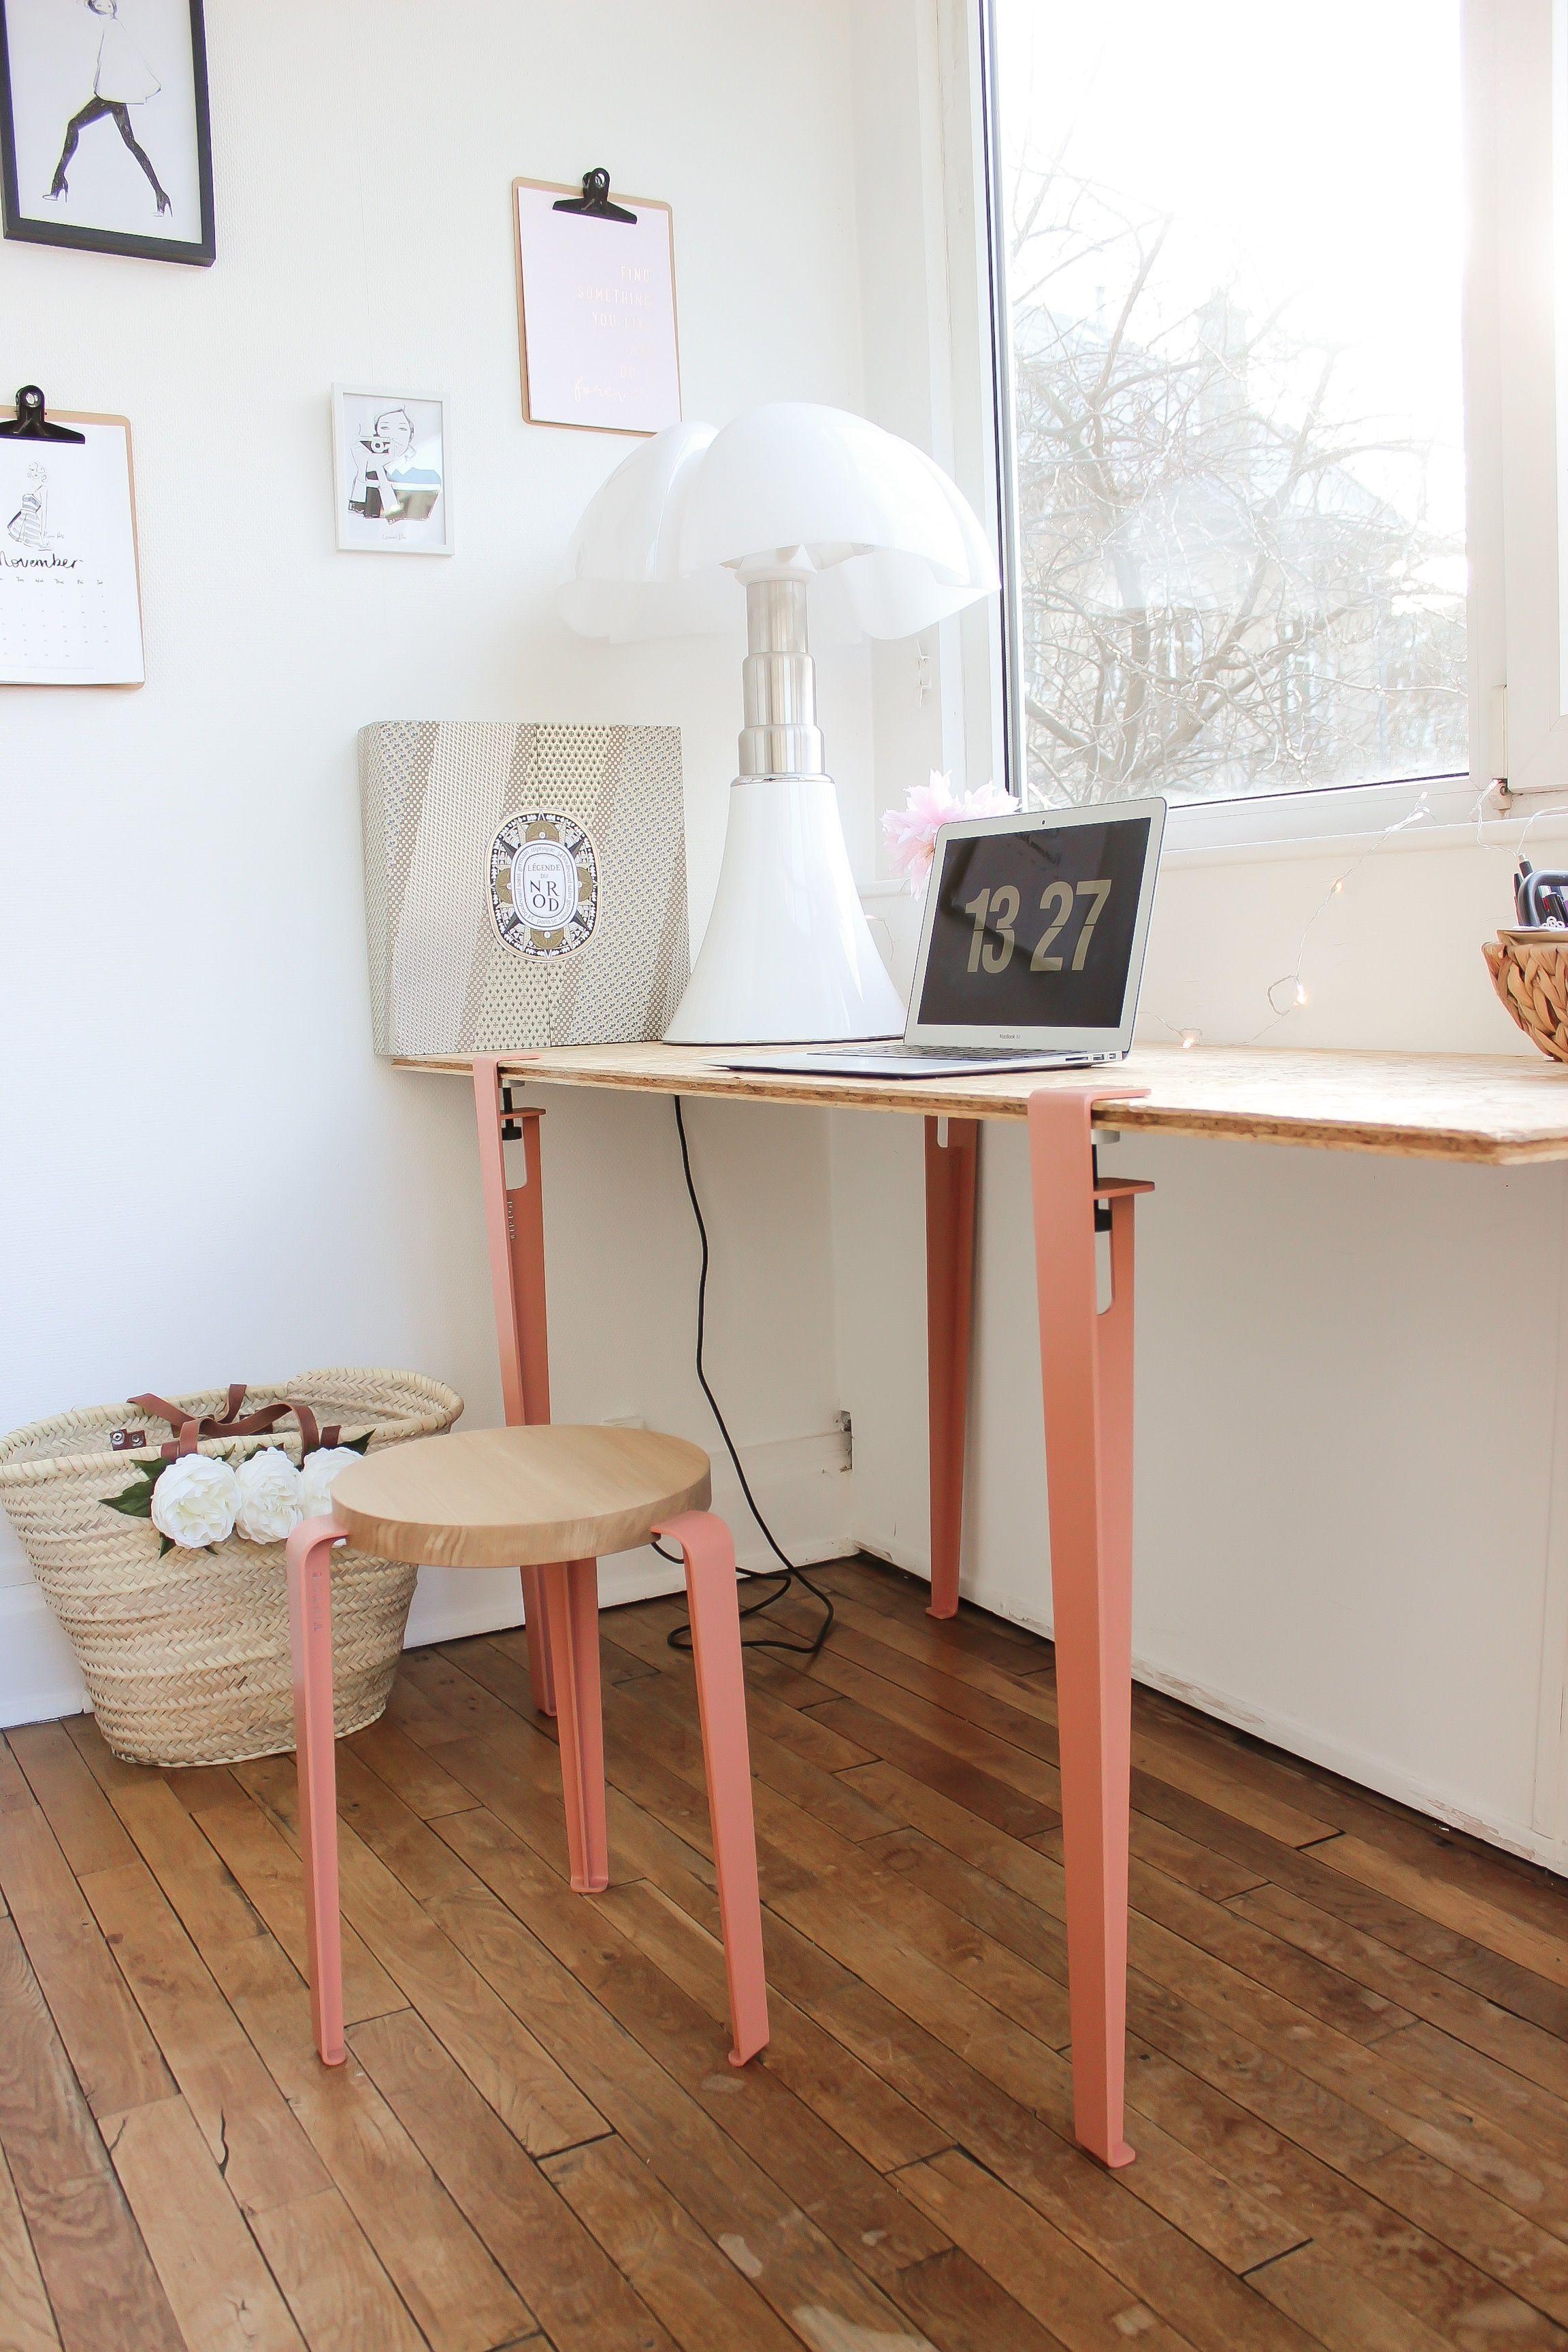 Pied De Table Design Pour Table Et Bureau 75cm Serre Joint Tiptoe Pieds De Table Pied De Table Design Table Salle A Manger